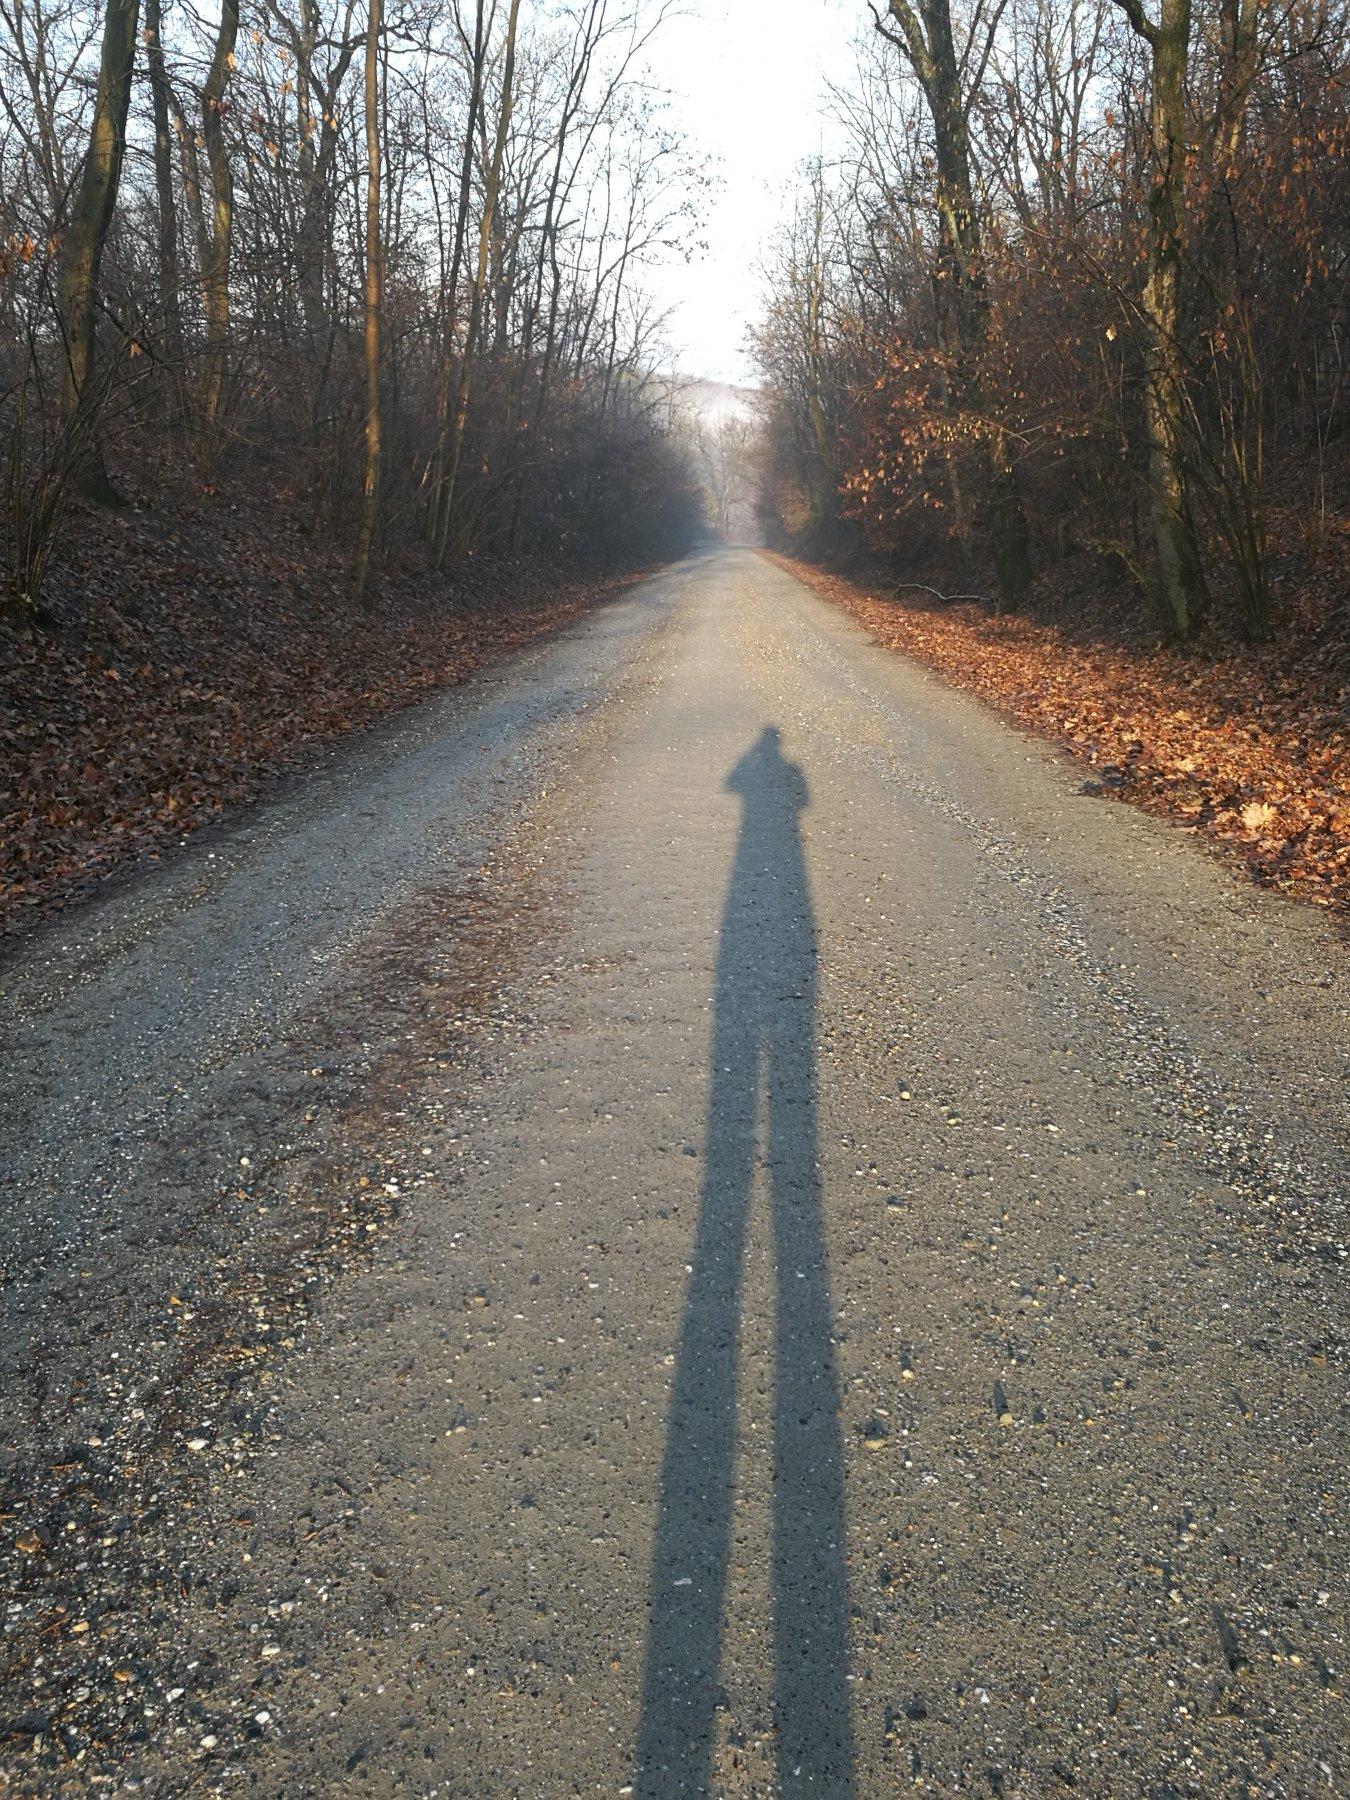 La lunga ombra che indica il percorso